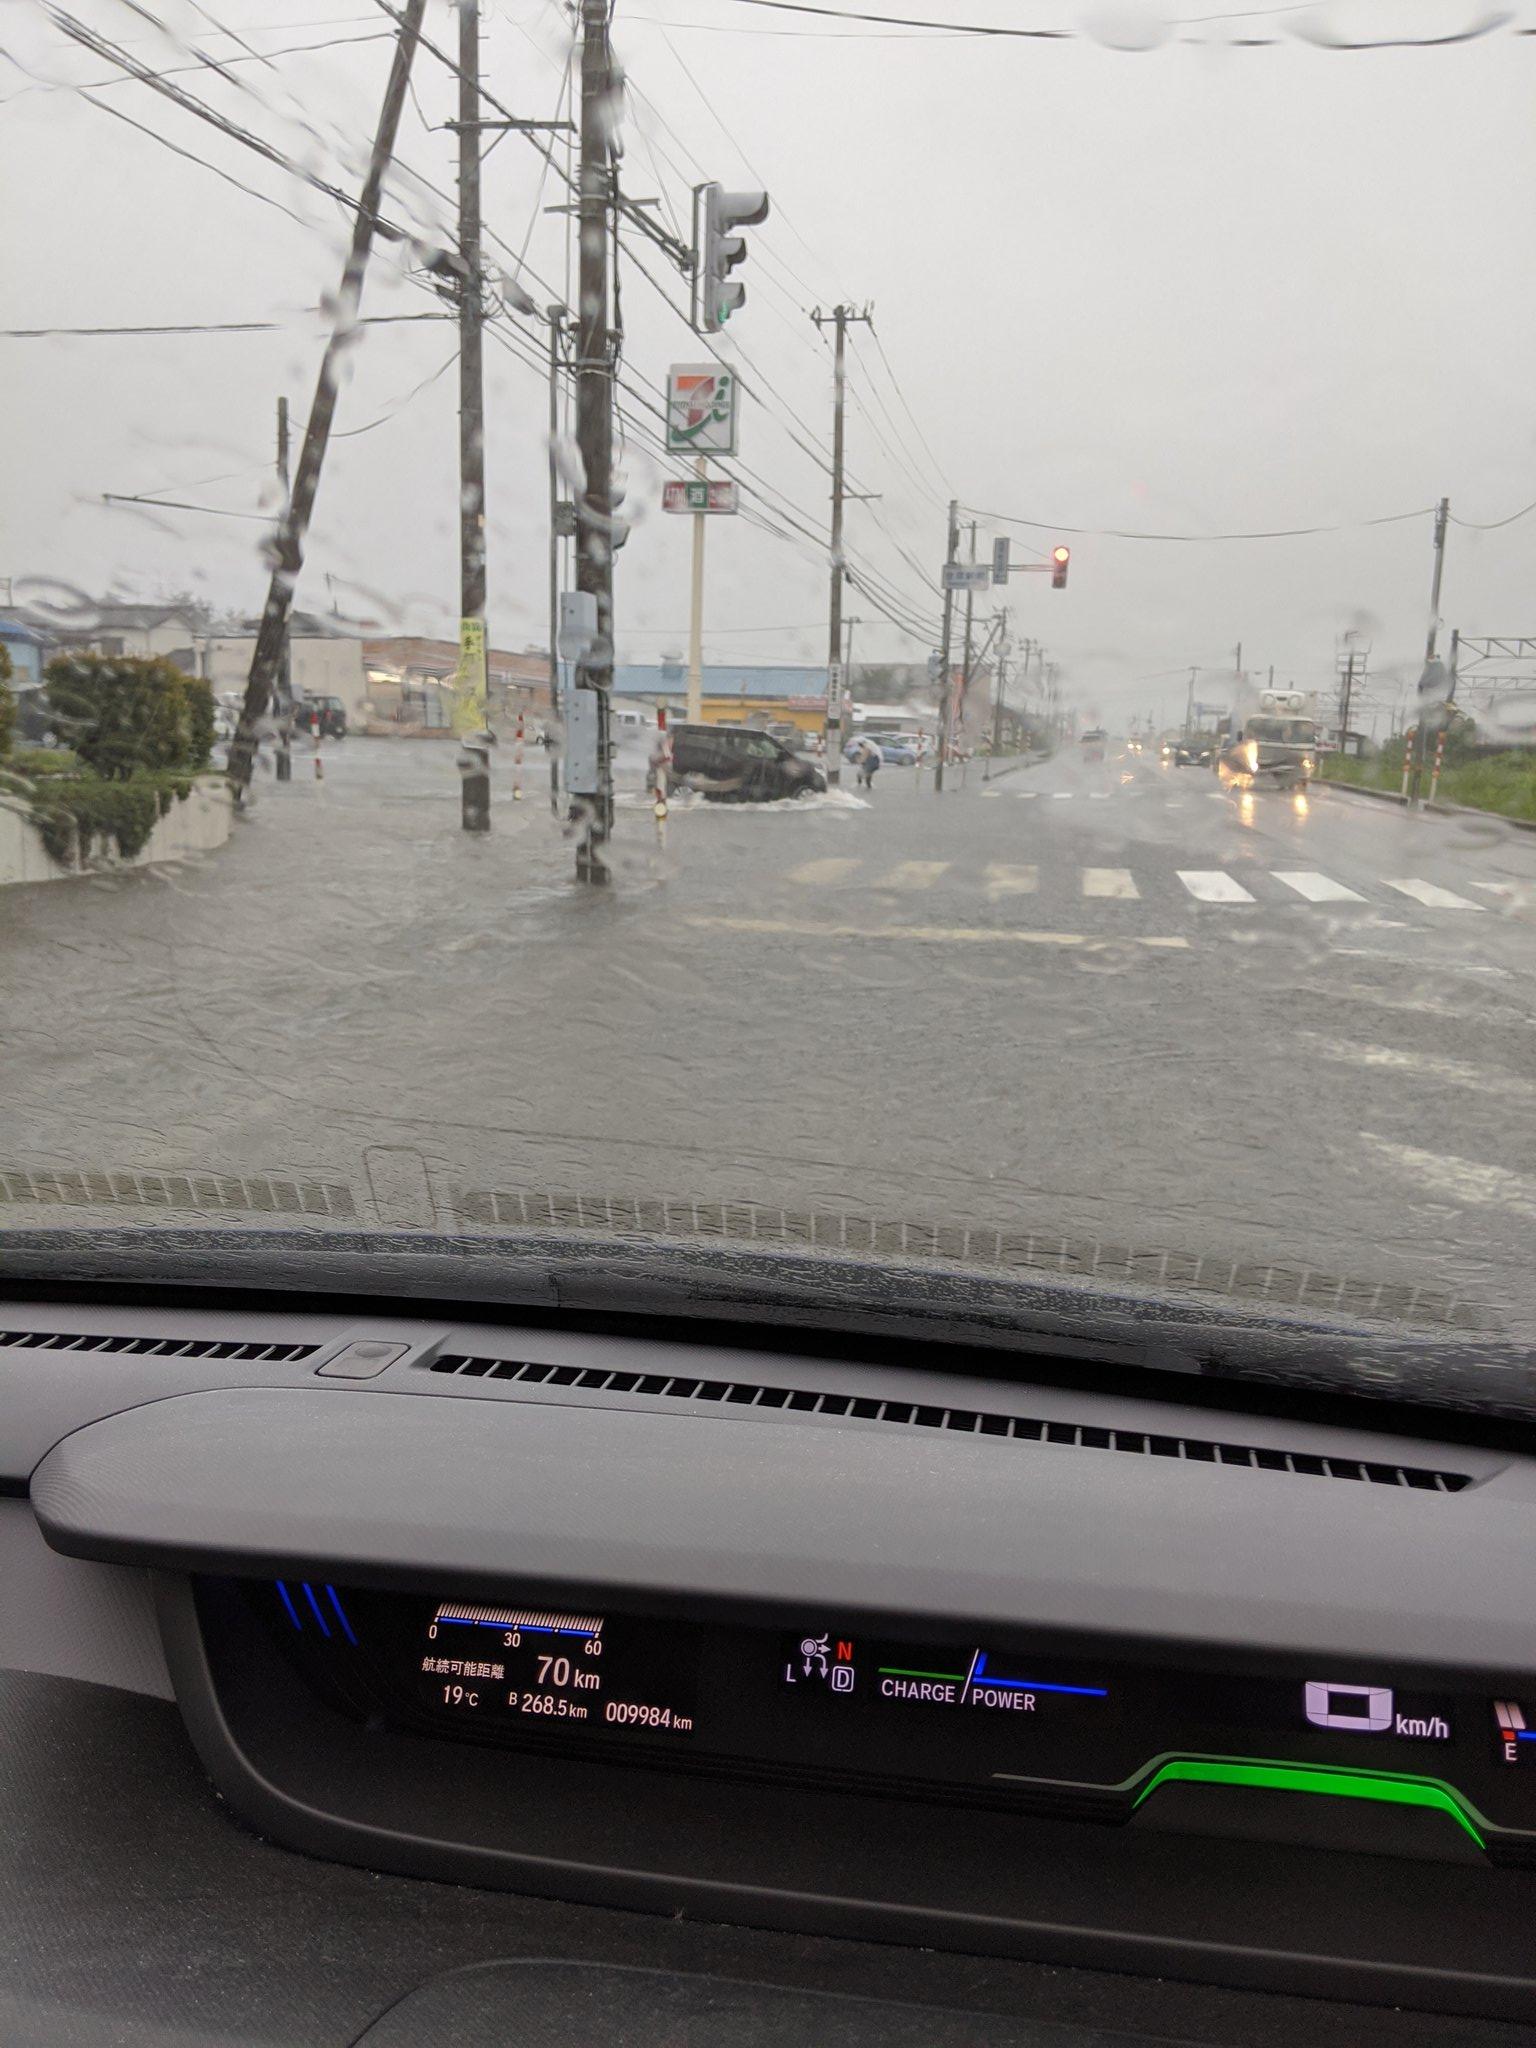 画像,金塚駅前冠水してる https://t.co/WKx4U3PMuR。